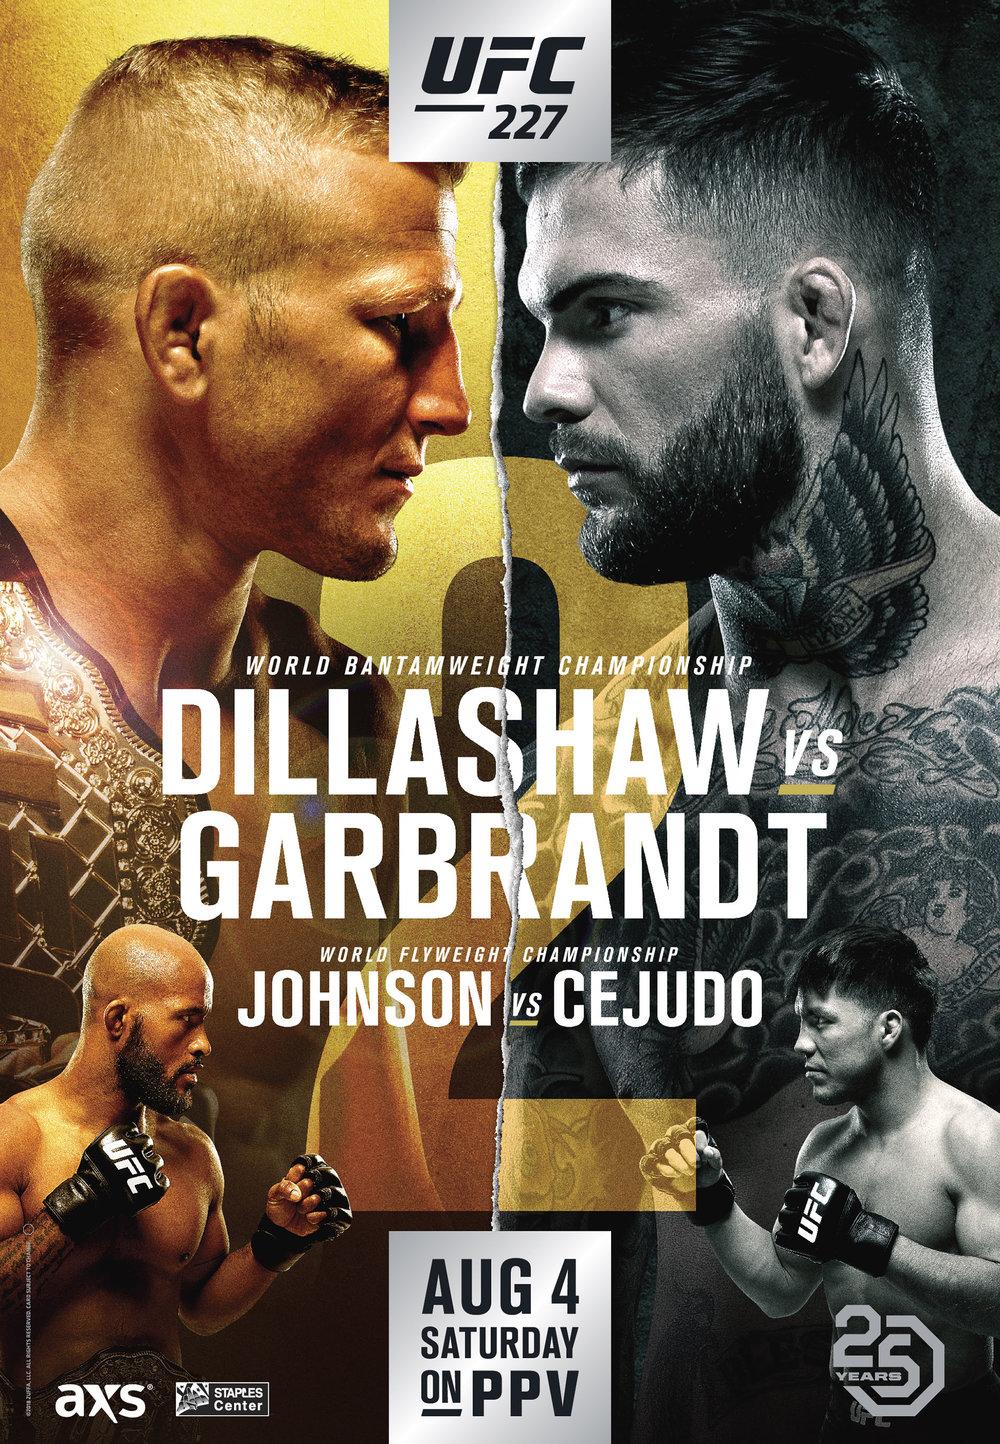 UFC_227_poster.jpg